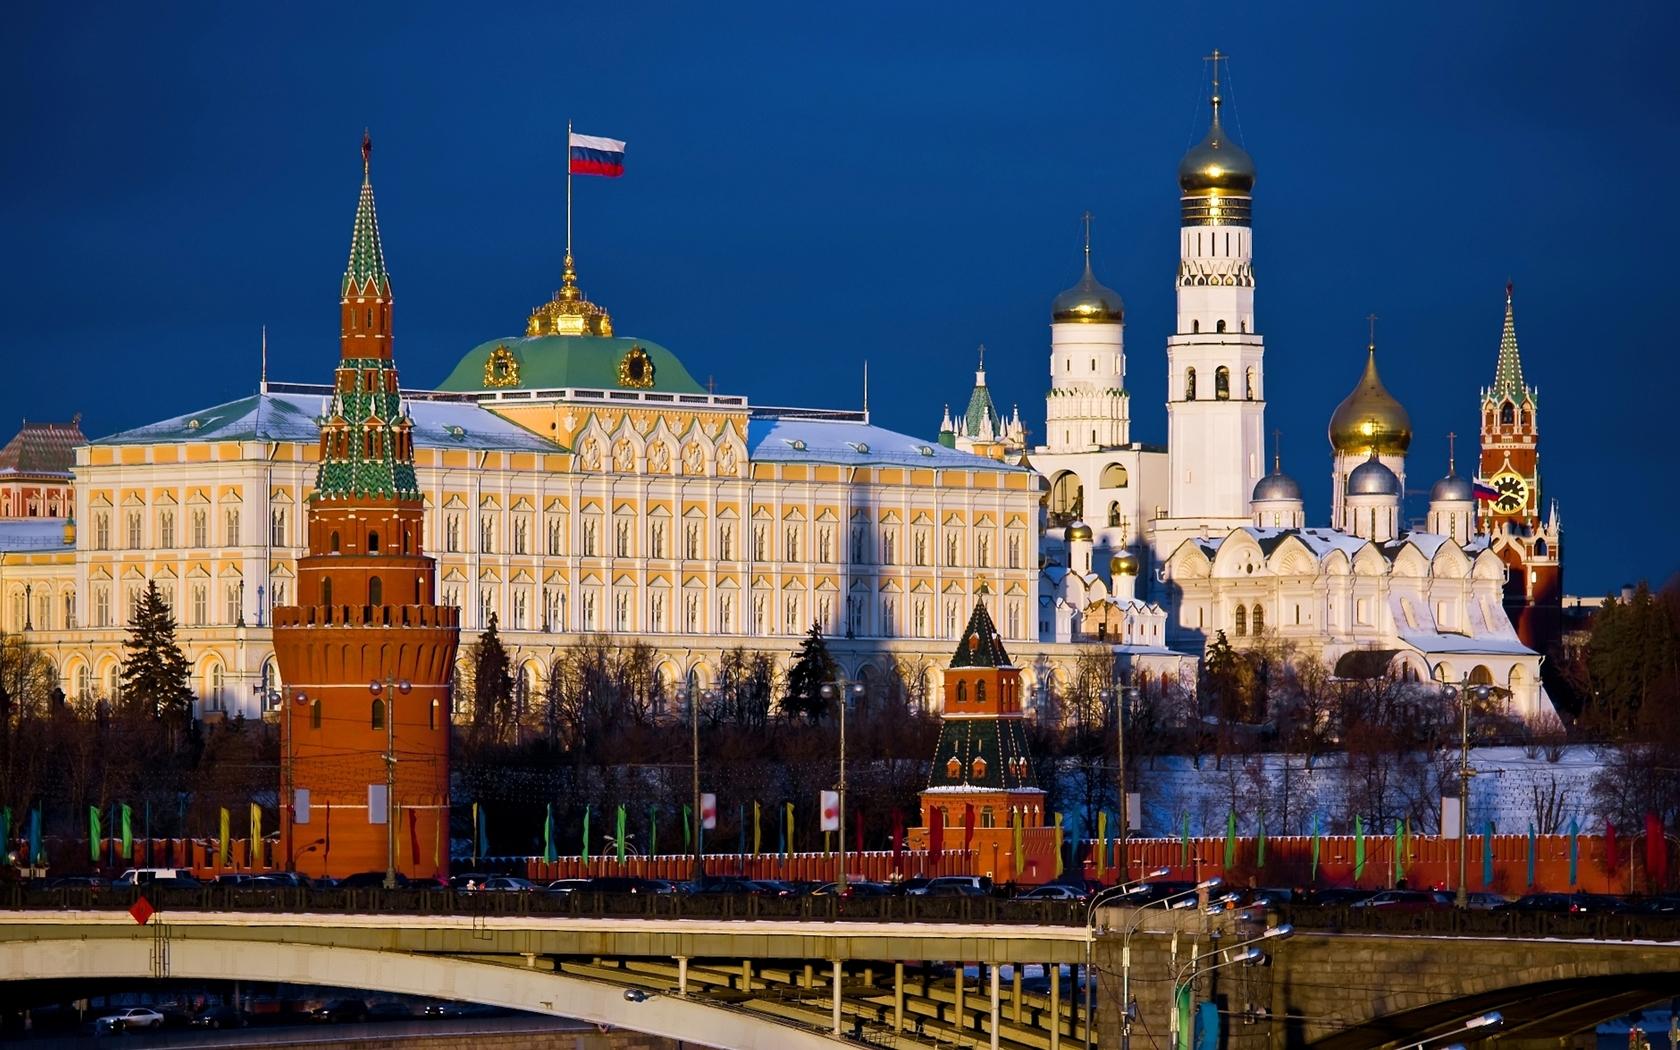 Благоустройство столичных улиц началось у Кремля